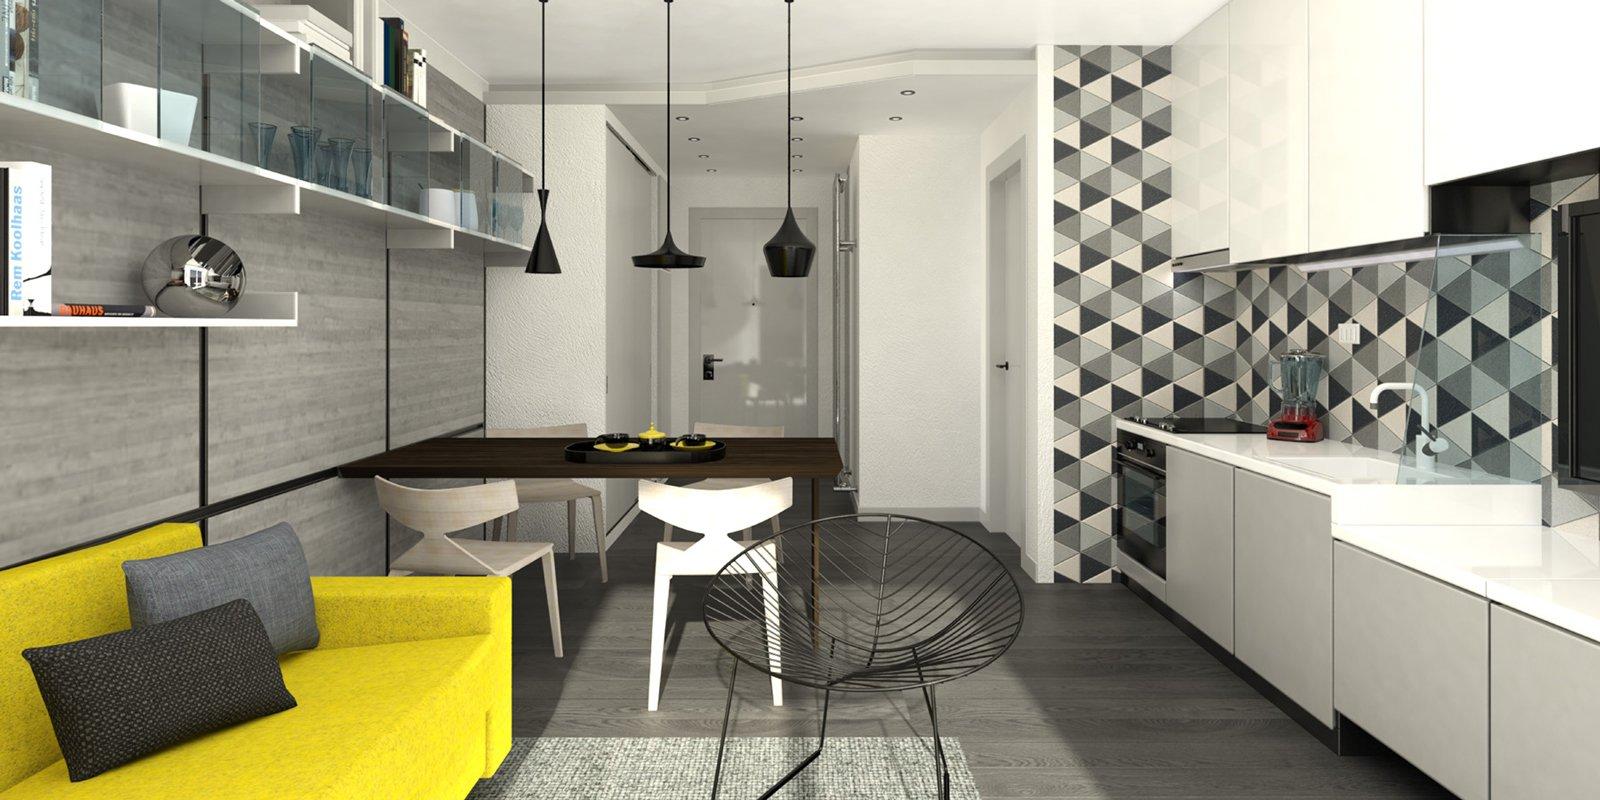 Cabine doccia senza telaio i vantaggi del design minimal - Come disporre la cucina ...